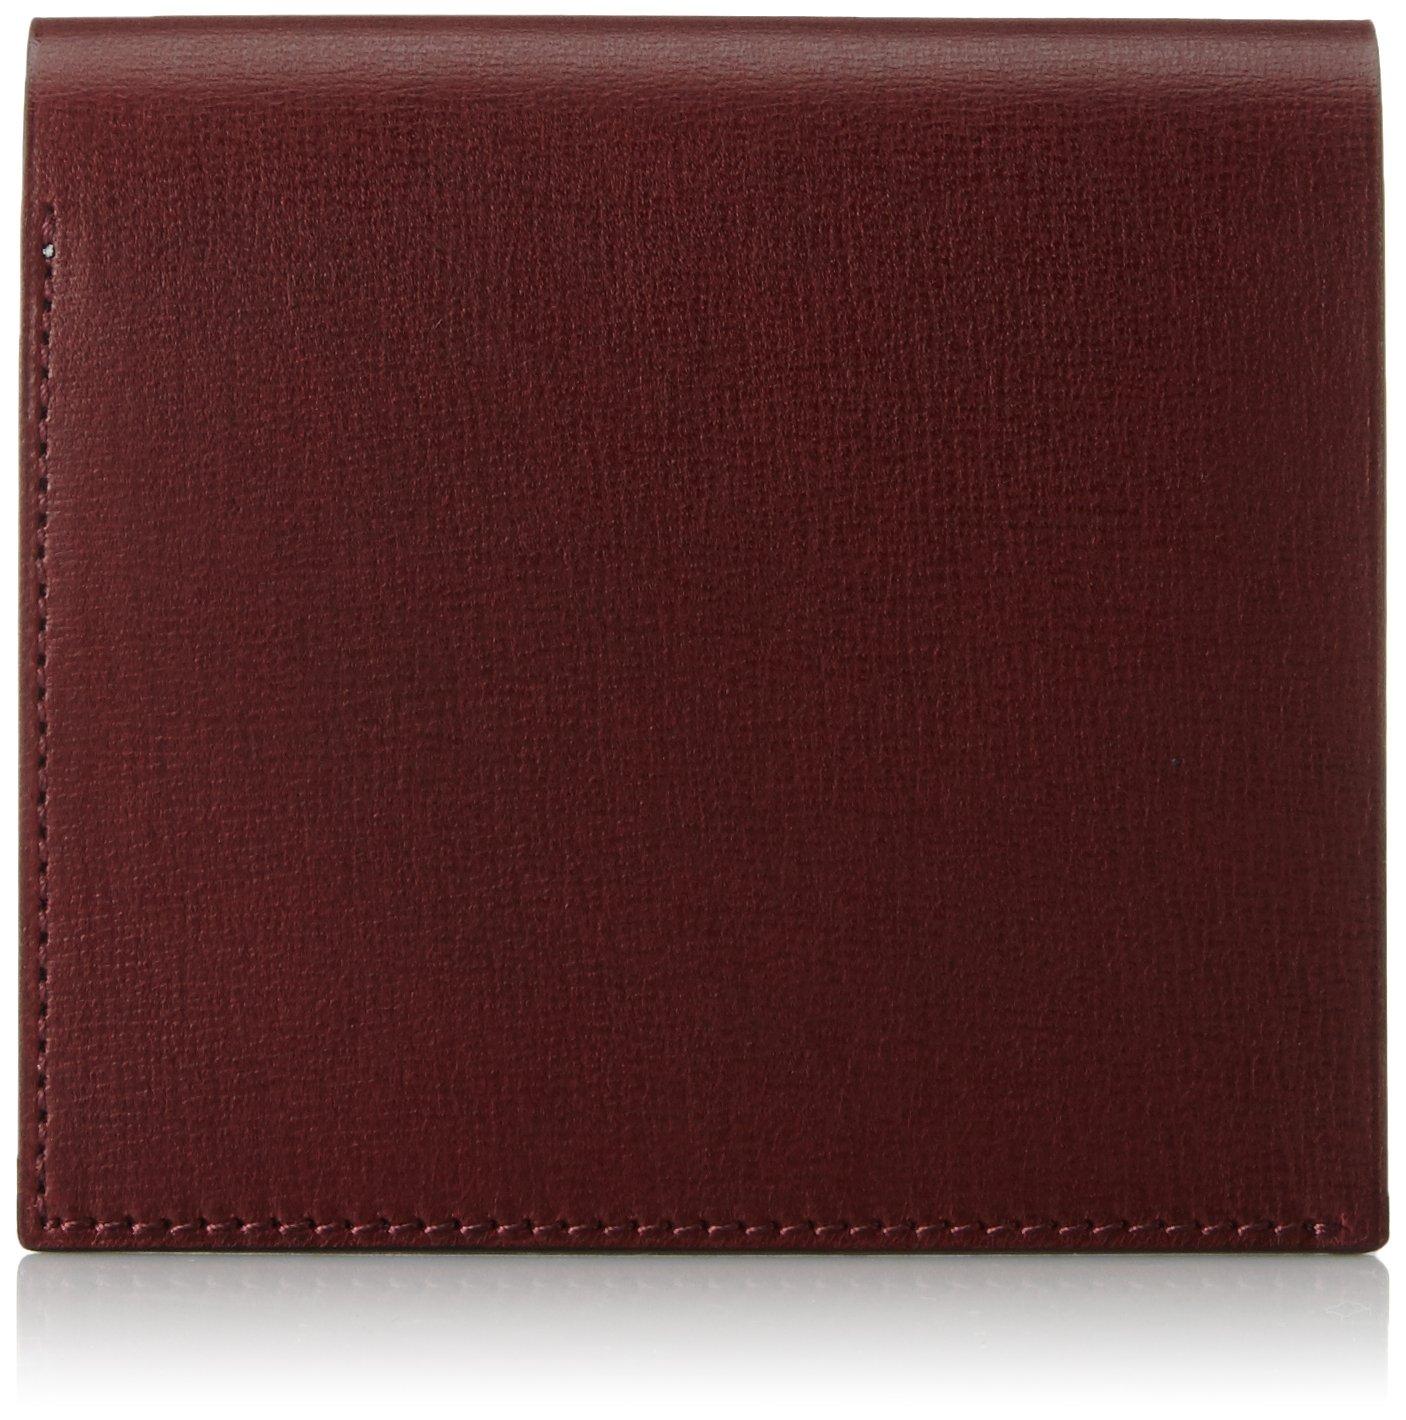 [メゾンドヒロアン] MAISON de HIROAN 財布 ボーデッド 純札 日本製 B010L1NFG8 ワイン ワイン -